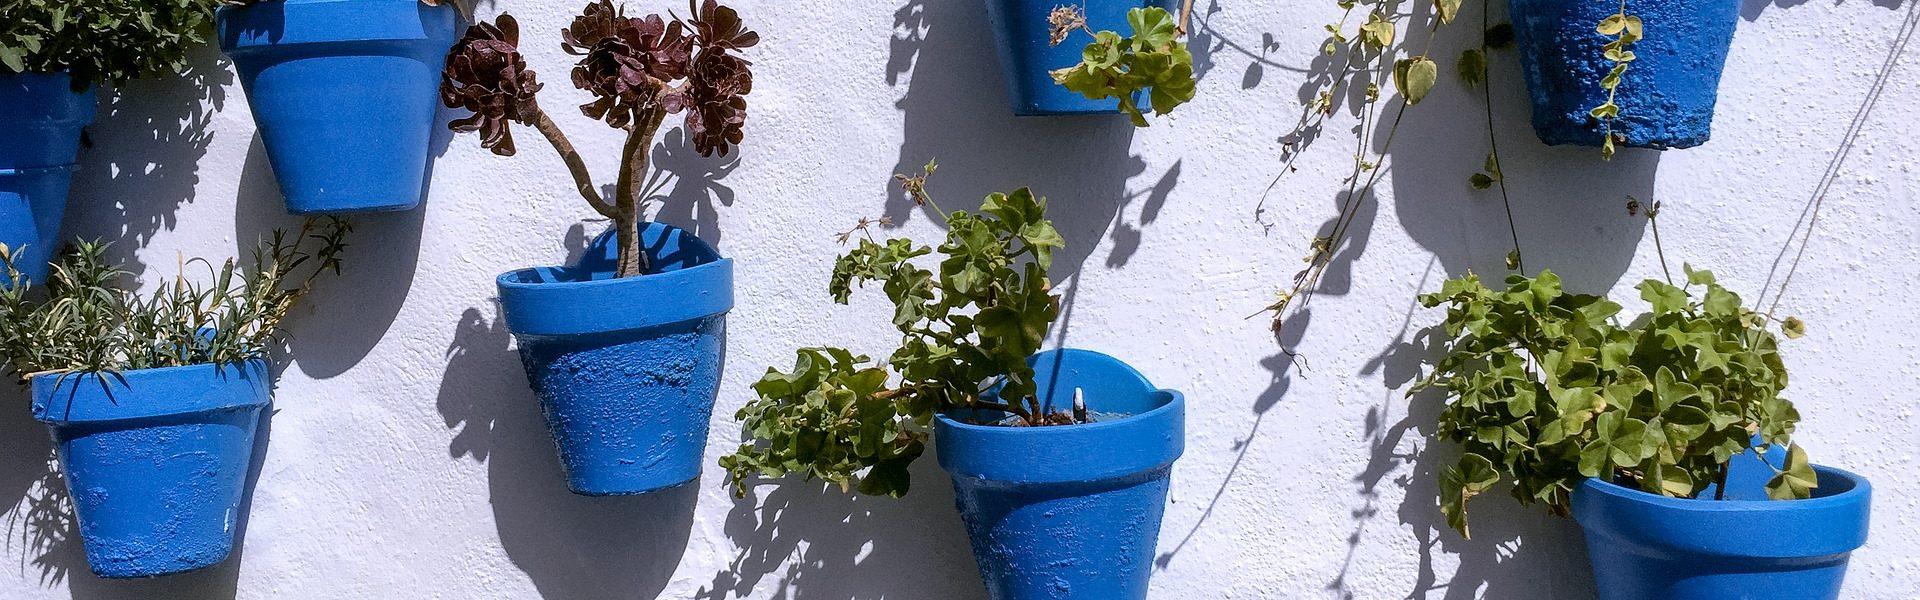 pots-1680026_1920